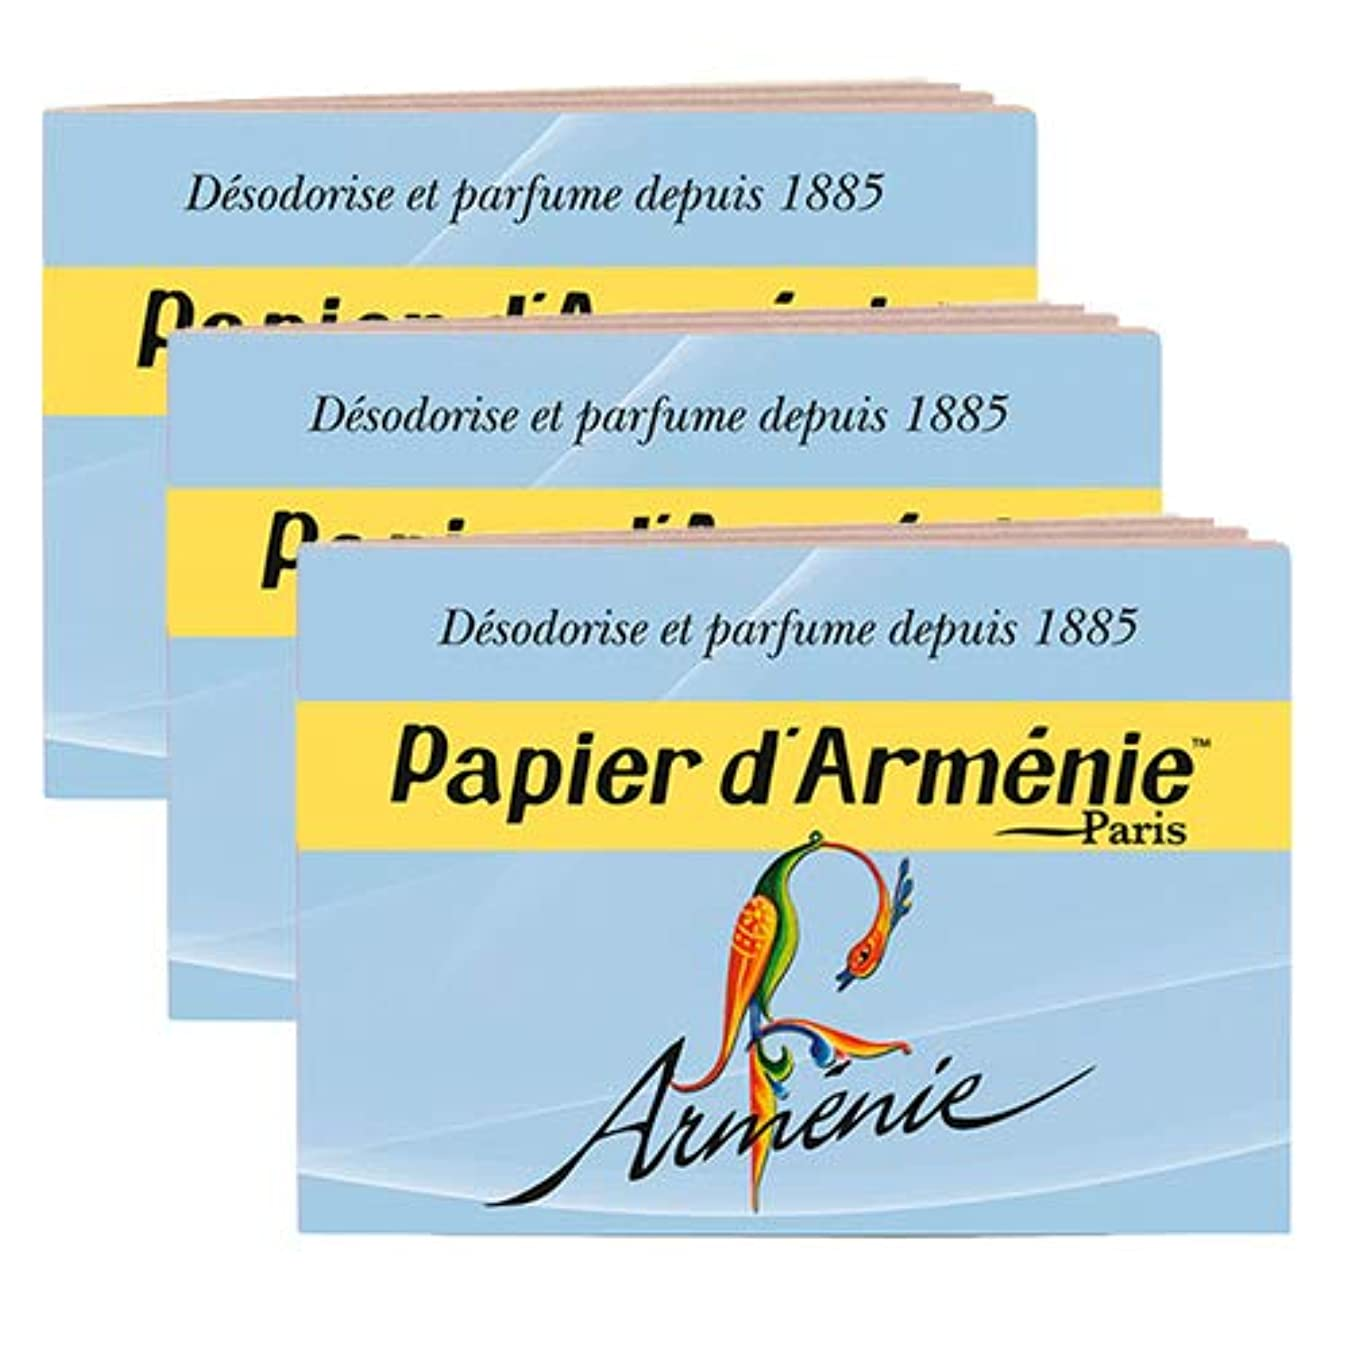 失う化学ランチョン【パピエダルメニイ】トリプル 3×12枚(36回分) 3個セット アルメニイ 紙のお香 インセンス アロマペーパー PAPIER D'ARMENIE [並行輸入品]